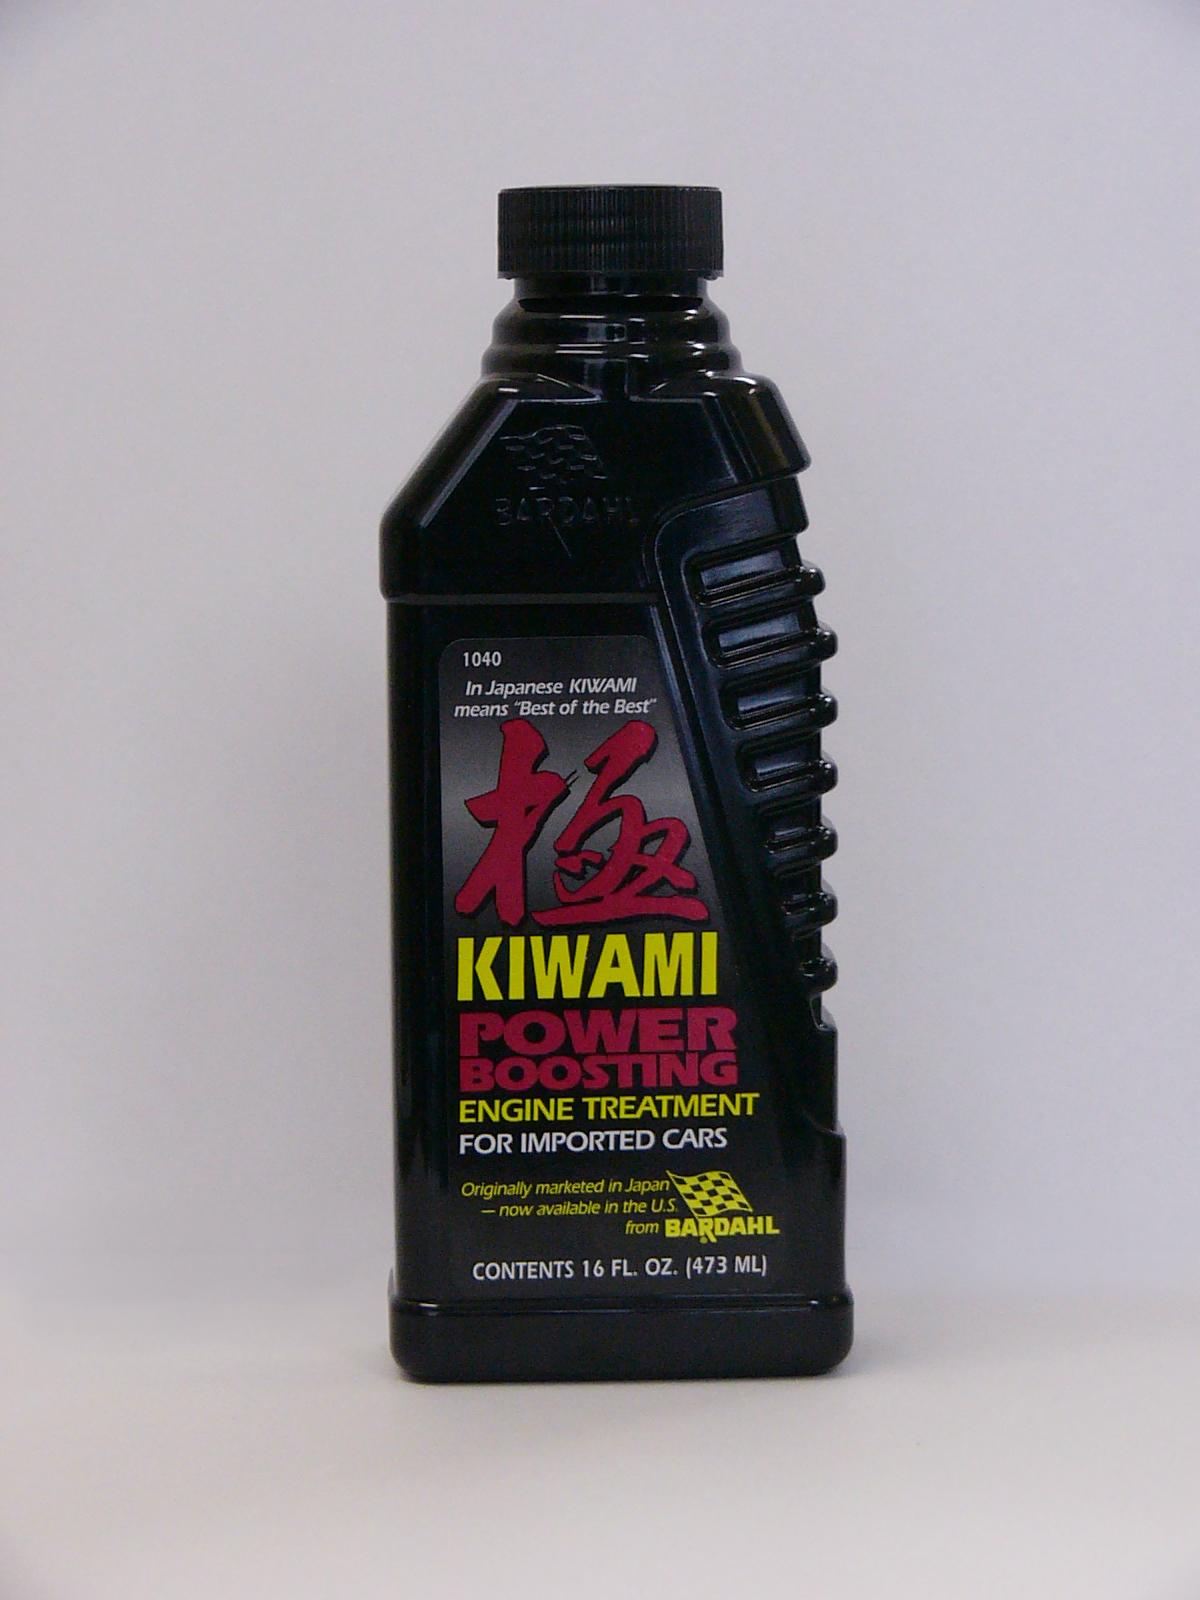 バーダル「KIWAMI」エンジントリートメント